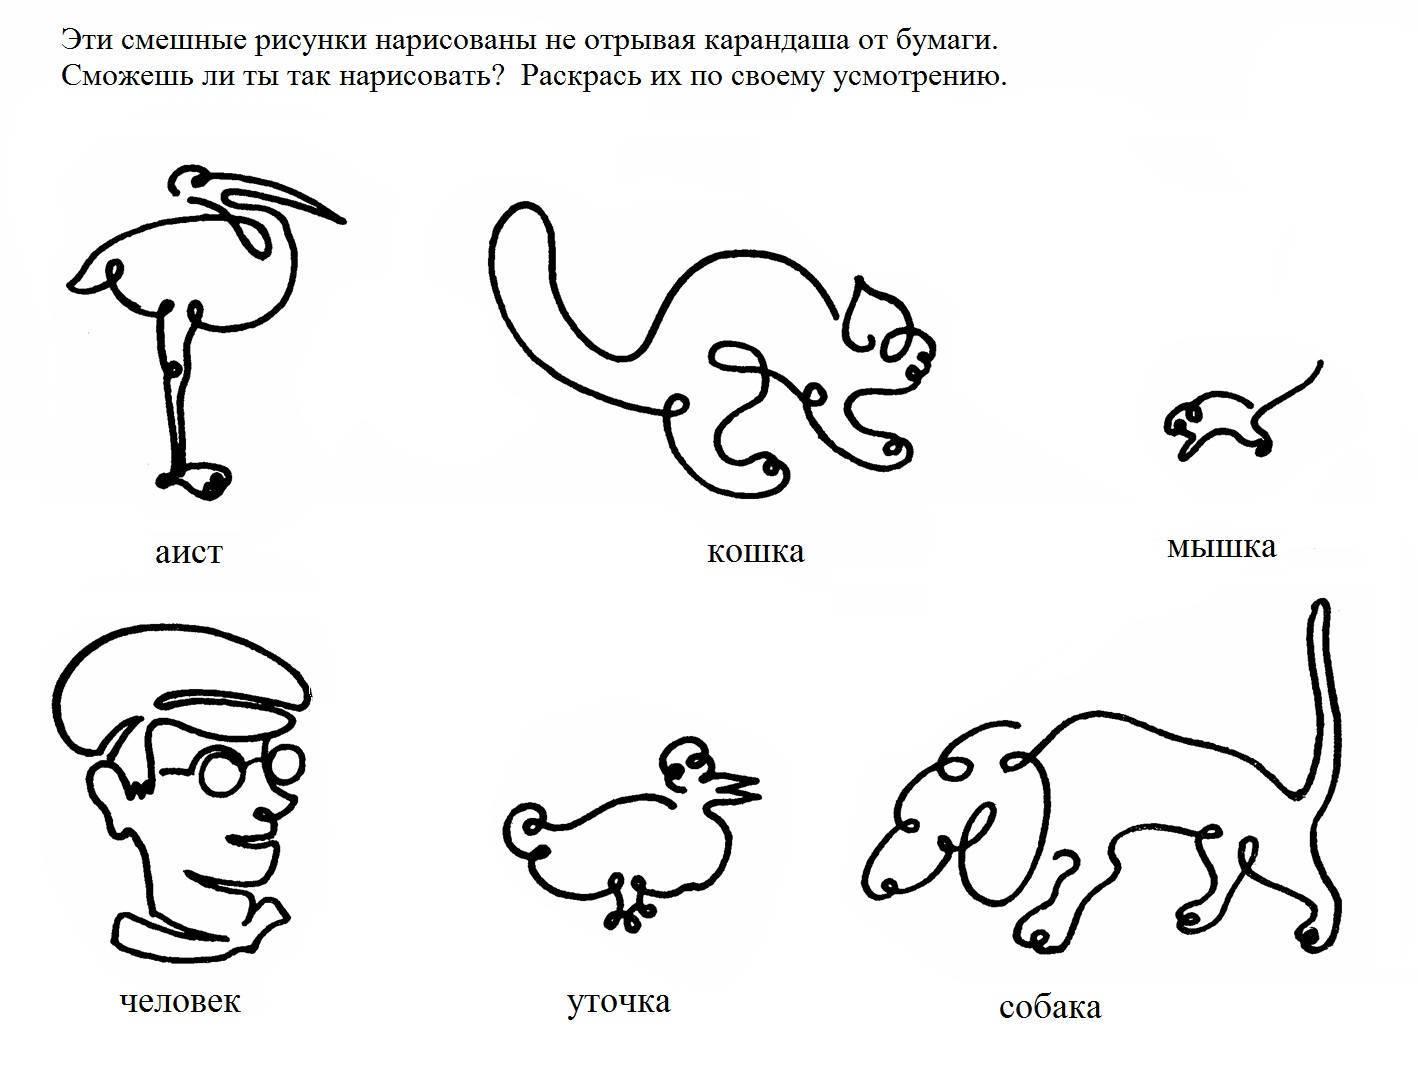 http://jirafenok.ru/wp-content/uploads/2013/05/risunok-ne-otryivaya-ruki-ot-bumagi.jpg